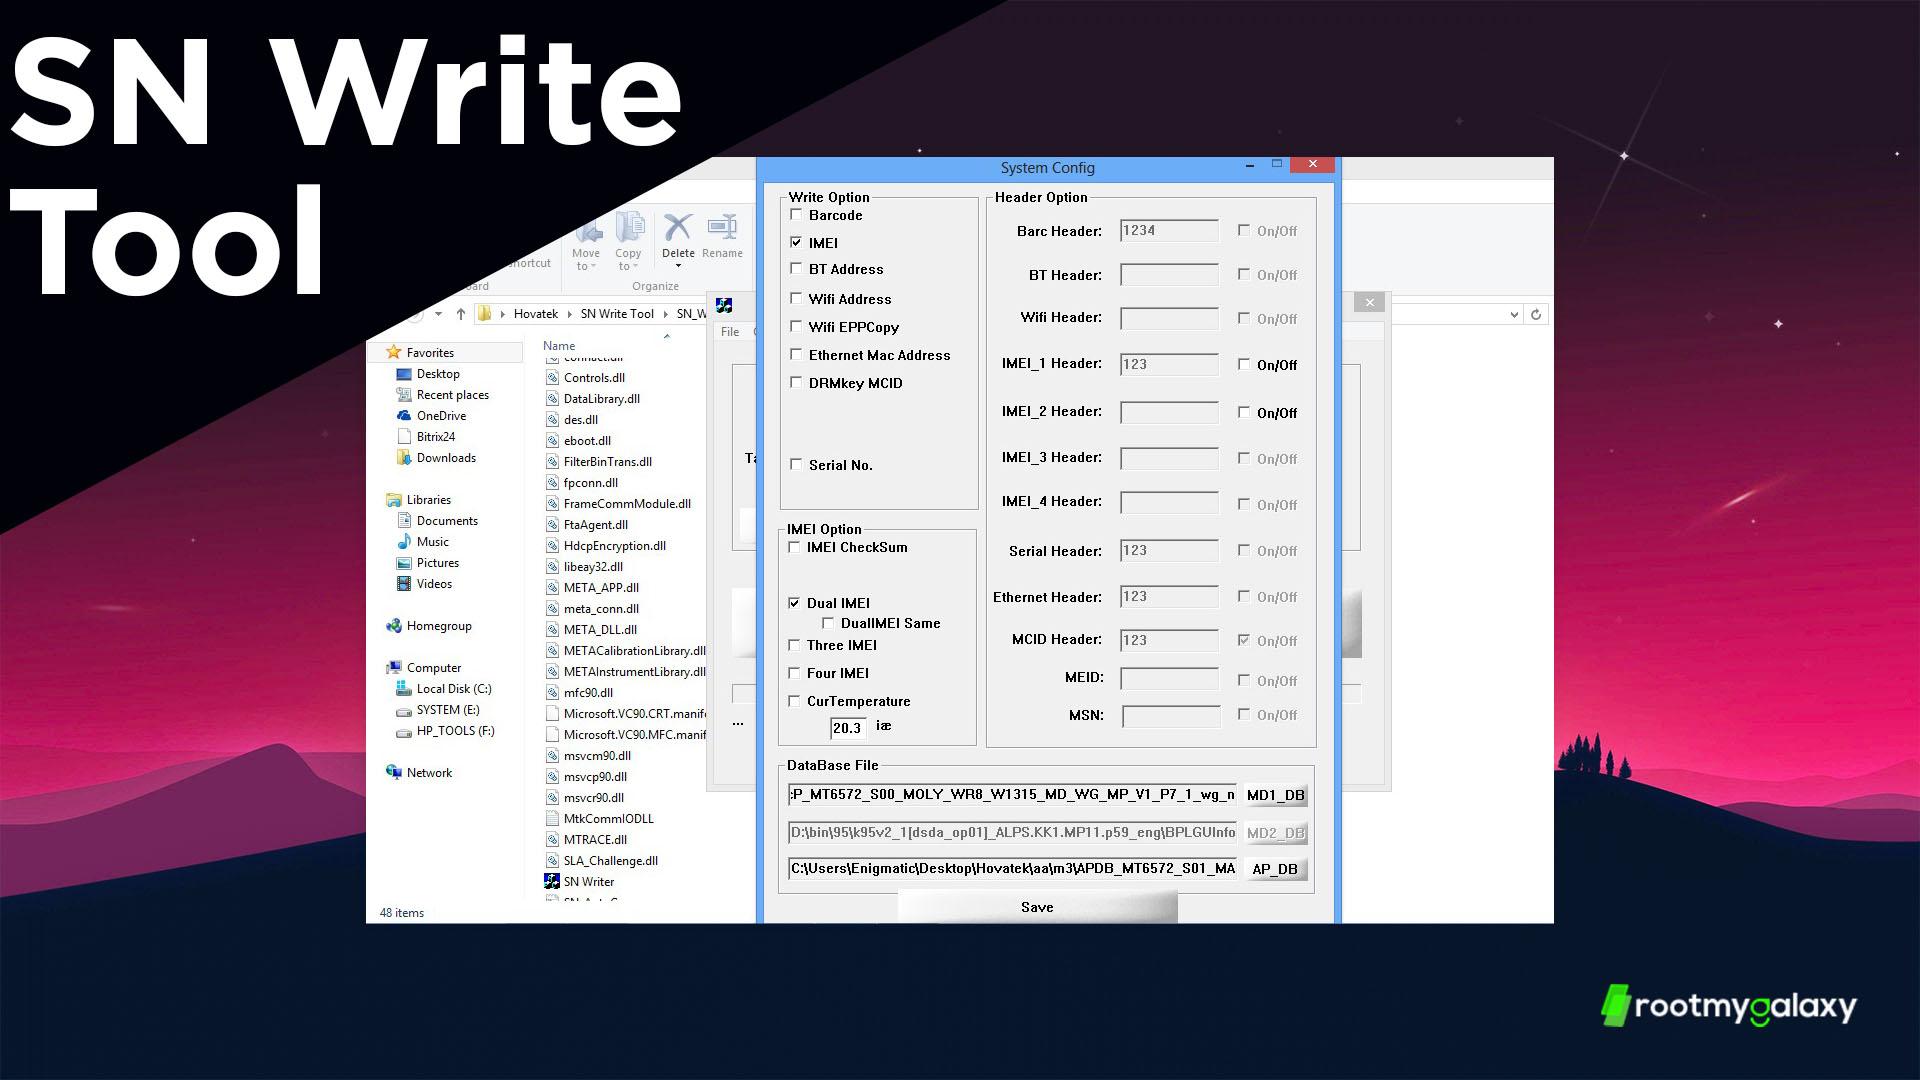 قم بتنزيل أحدث إصدار من أداة الكتابة SN Flash وإصلاح مشكلة IMEI 1